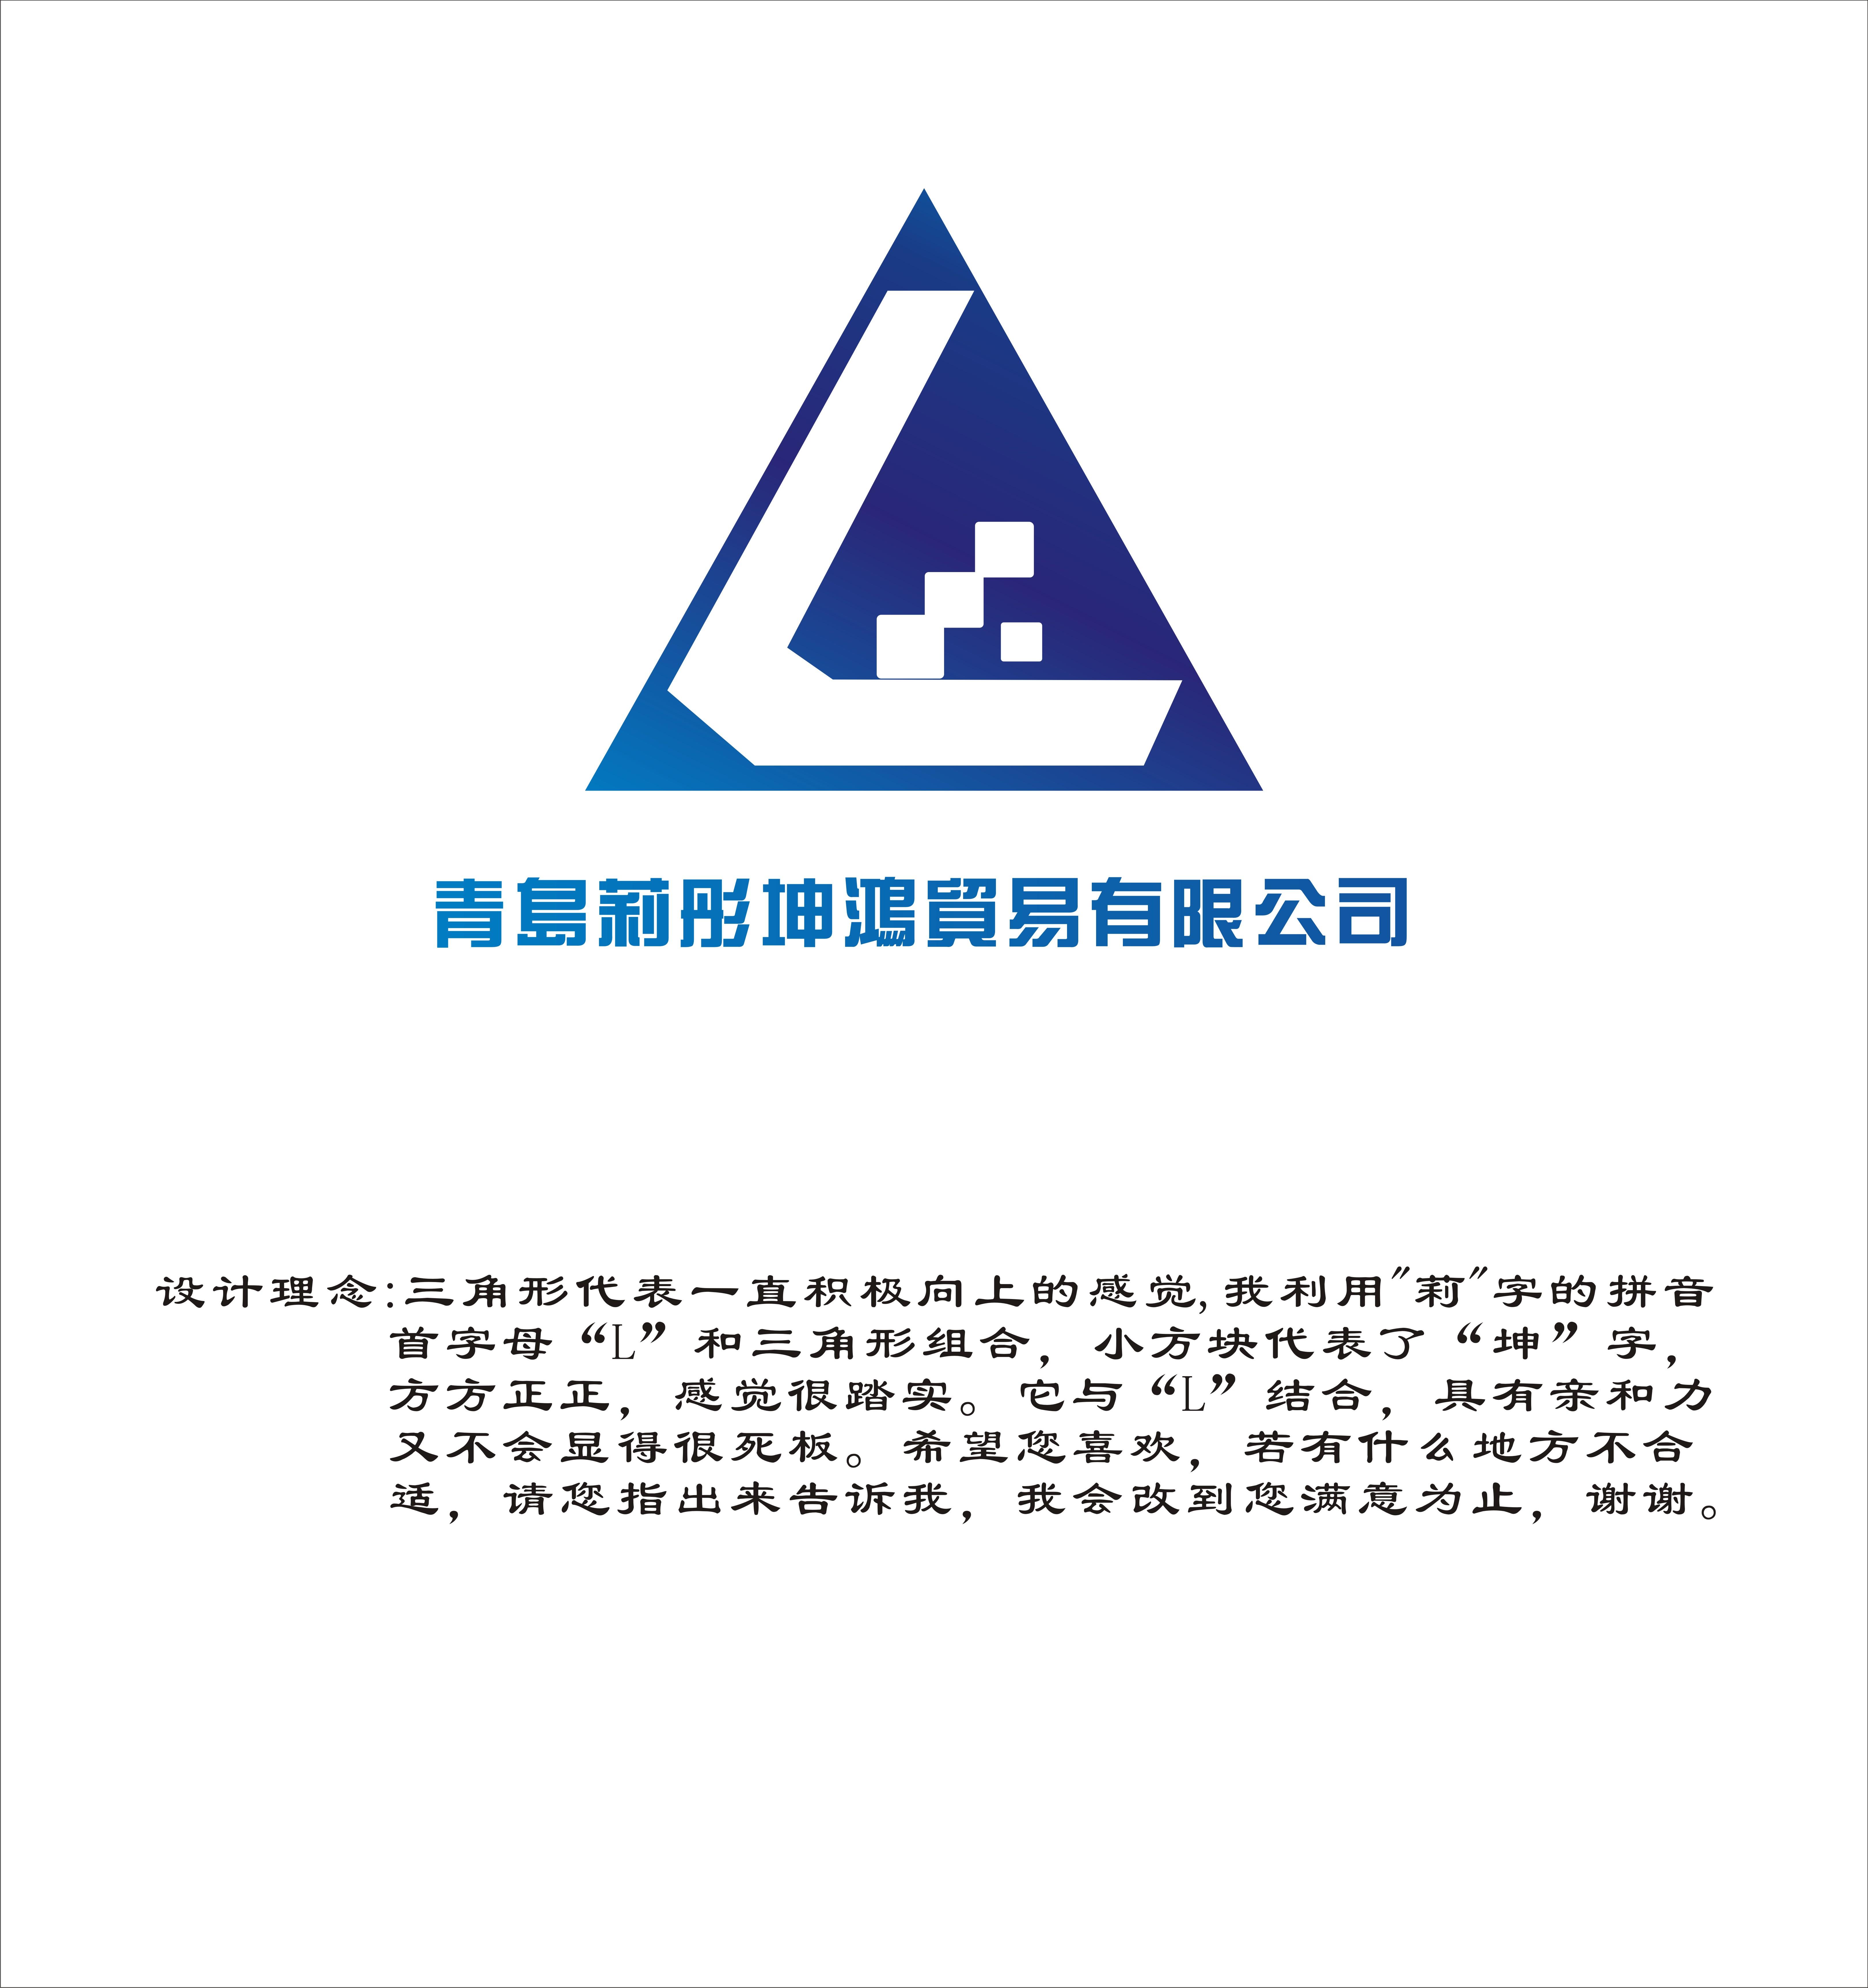 青岛莉彤坤鸿贸易有限公司logo设计